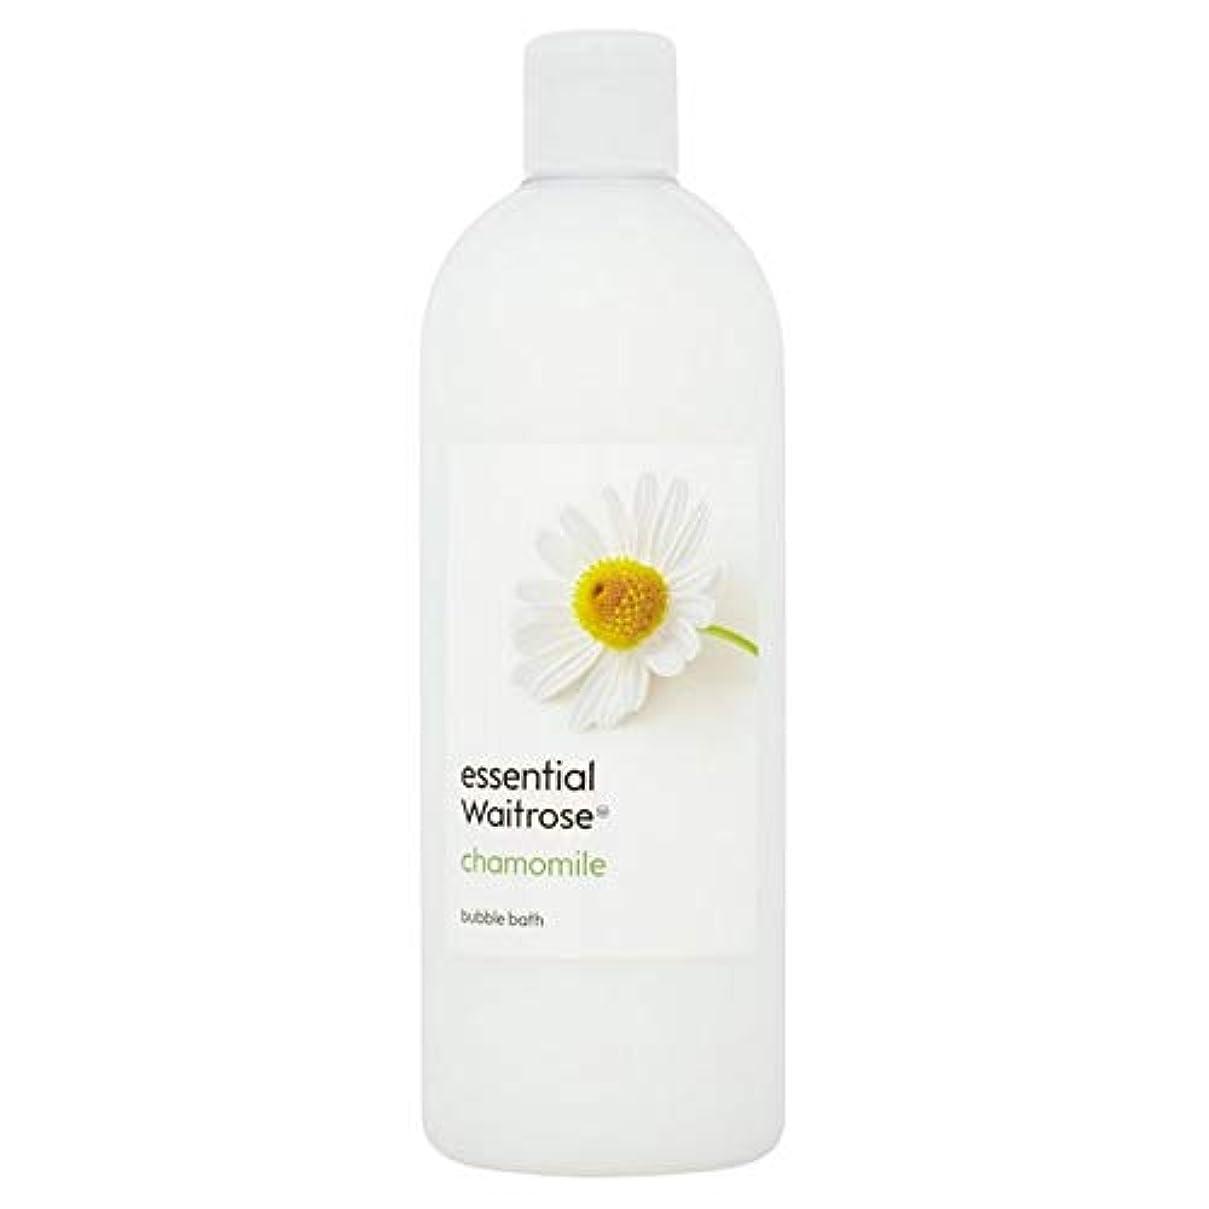 腕よく話されるかんがい[Waitrose ] 基本的なウェイトローズ泡風呂のカモミール750ミリリットル - Essential Waitrose Bubble Bath Chamomile 750ml [並行輸入品]